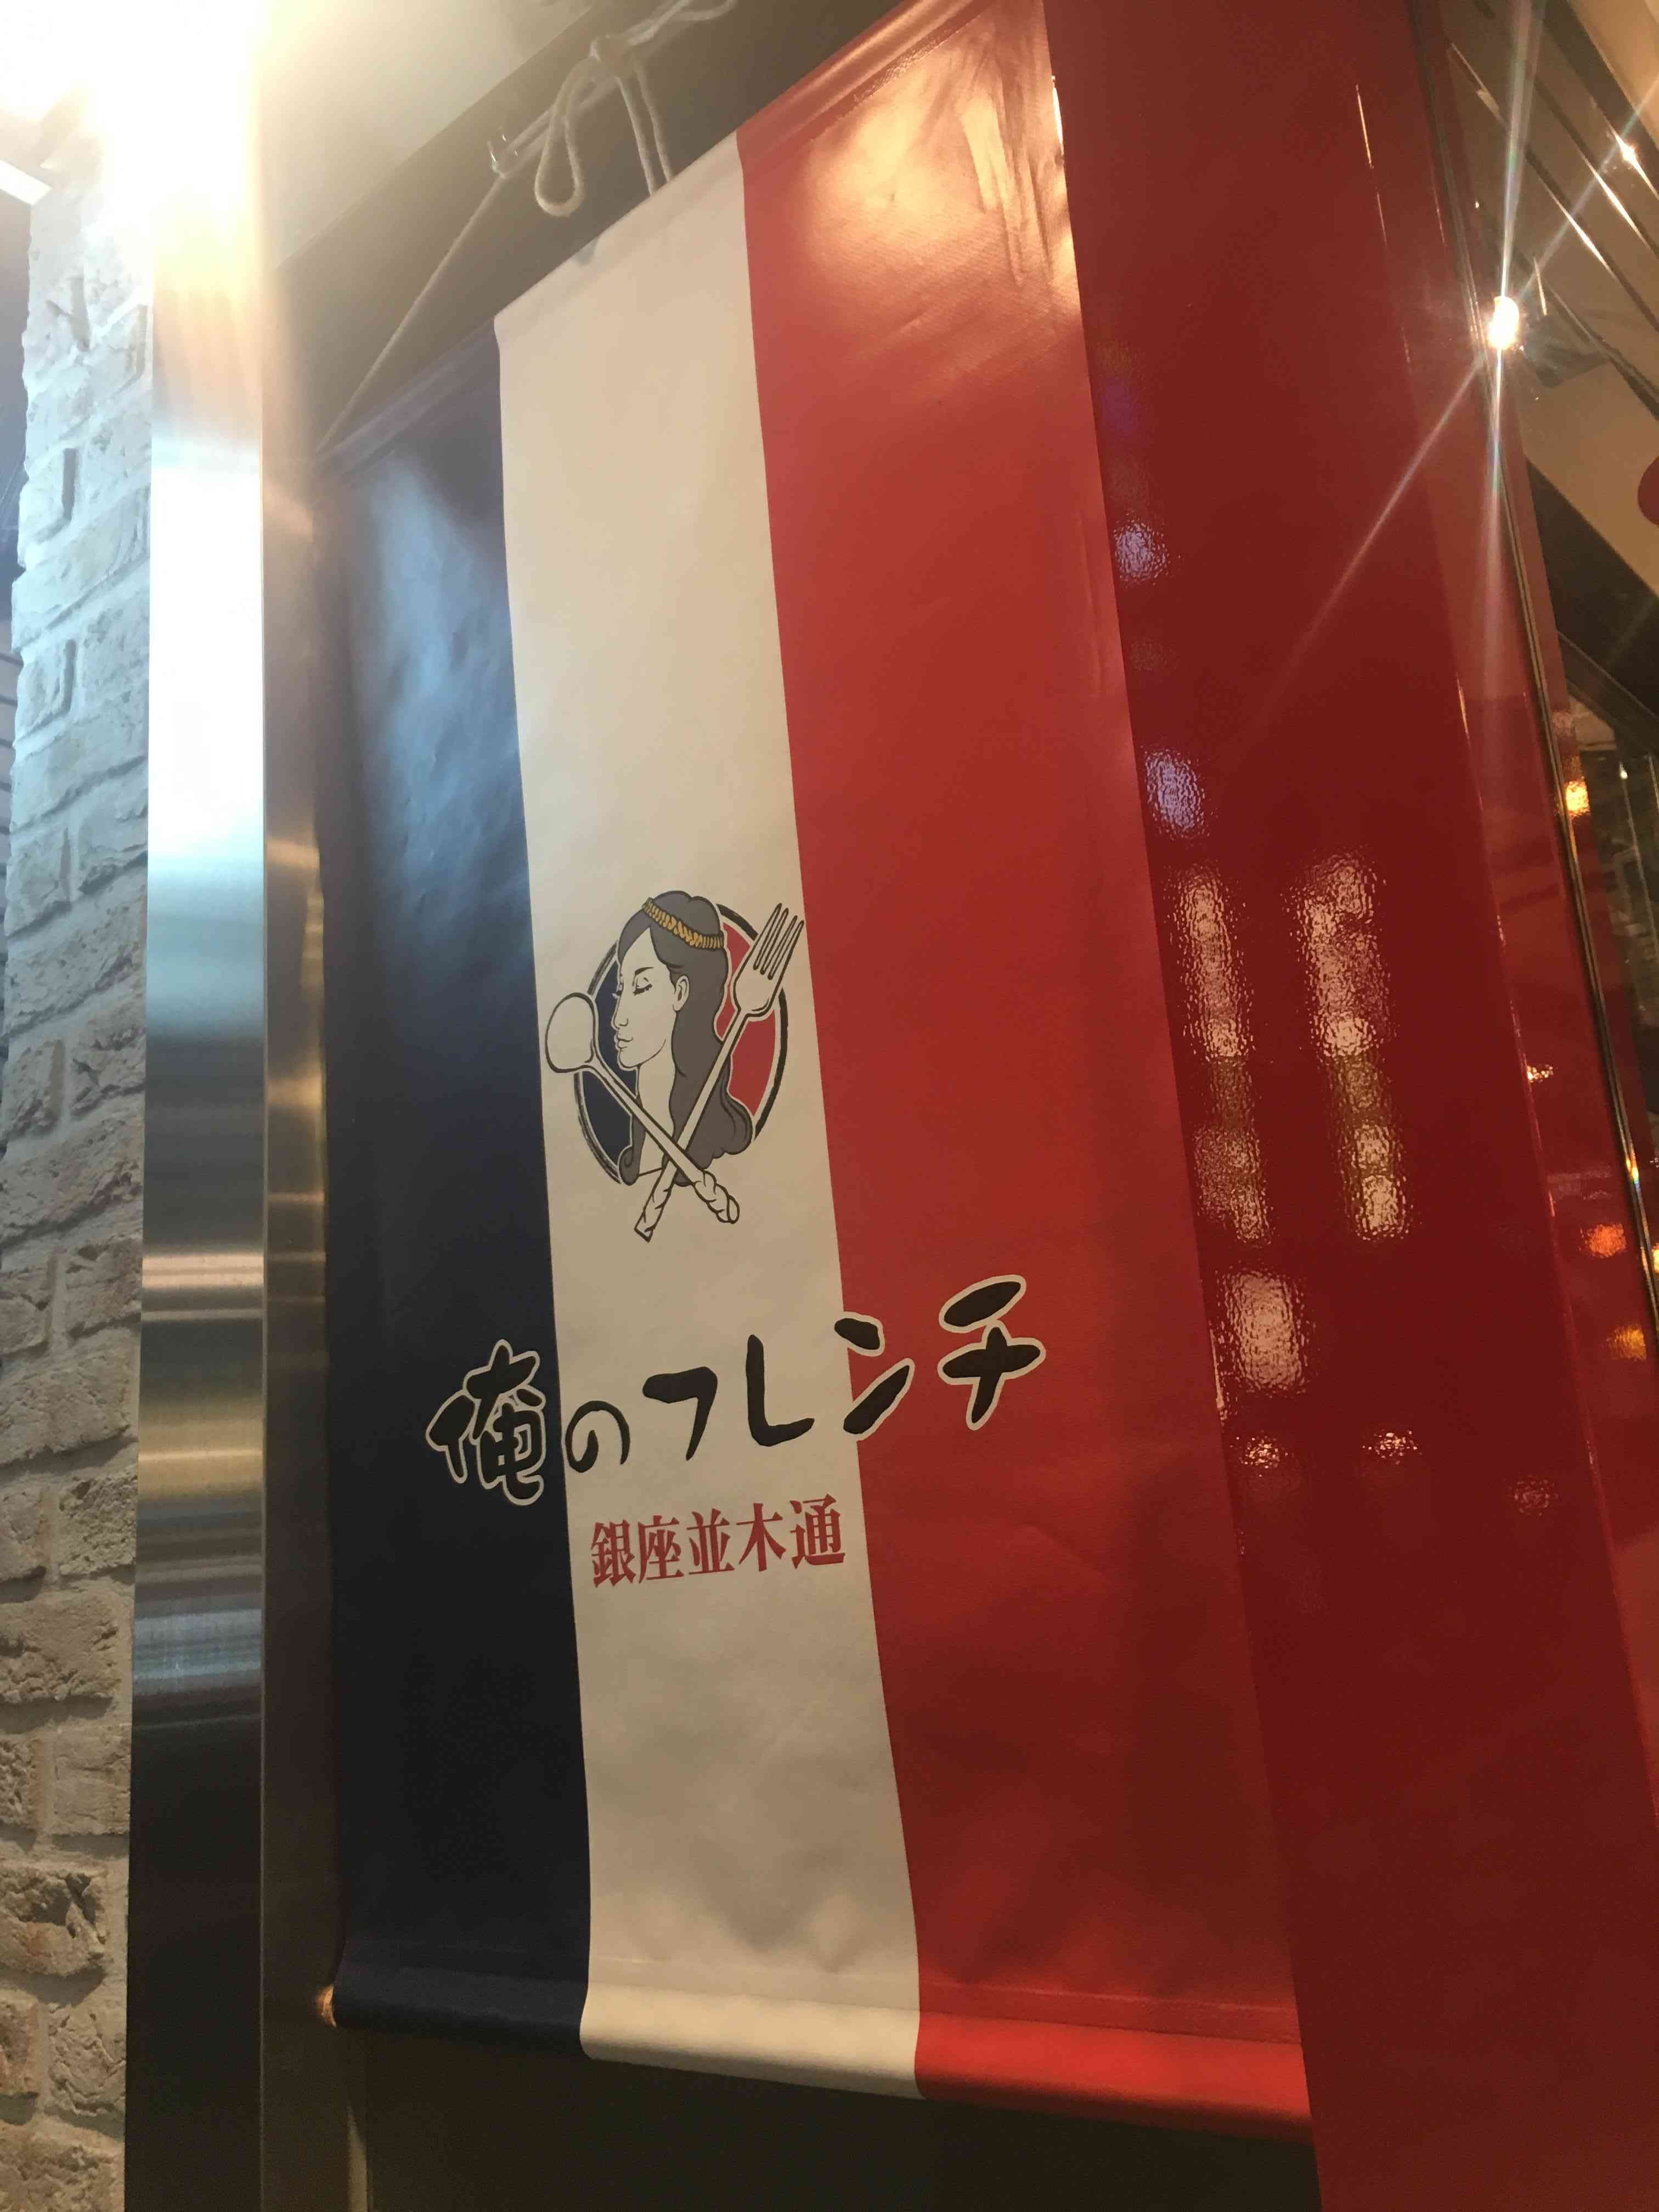 俺のフレンチ♡銀座並木通り店がオススメな理由_1_1